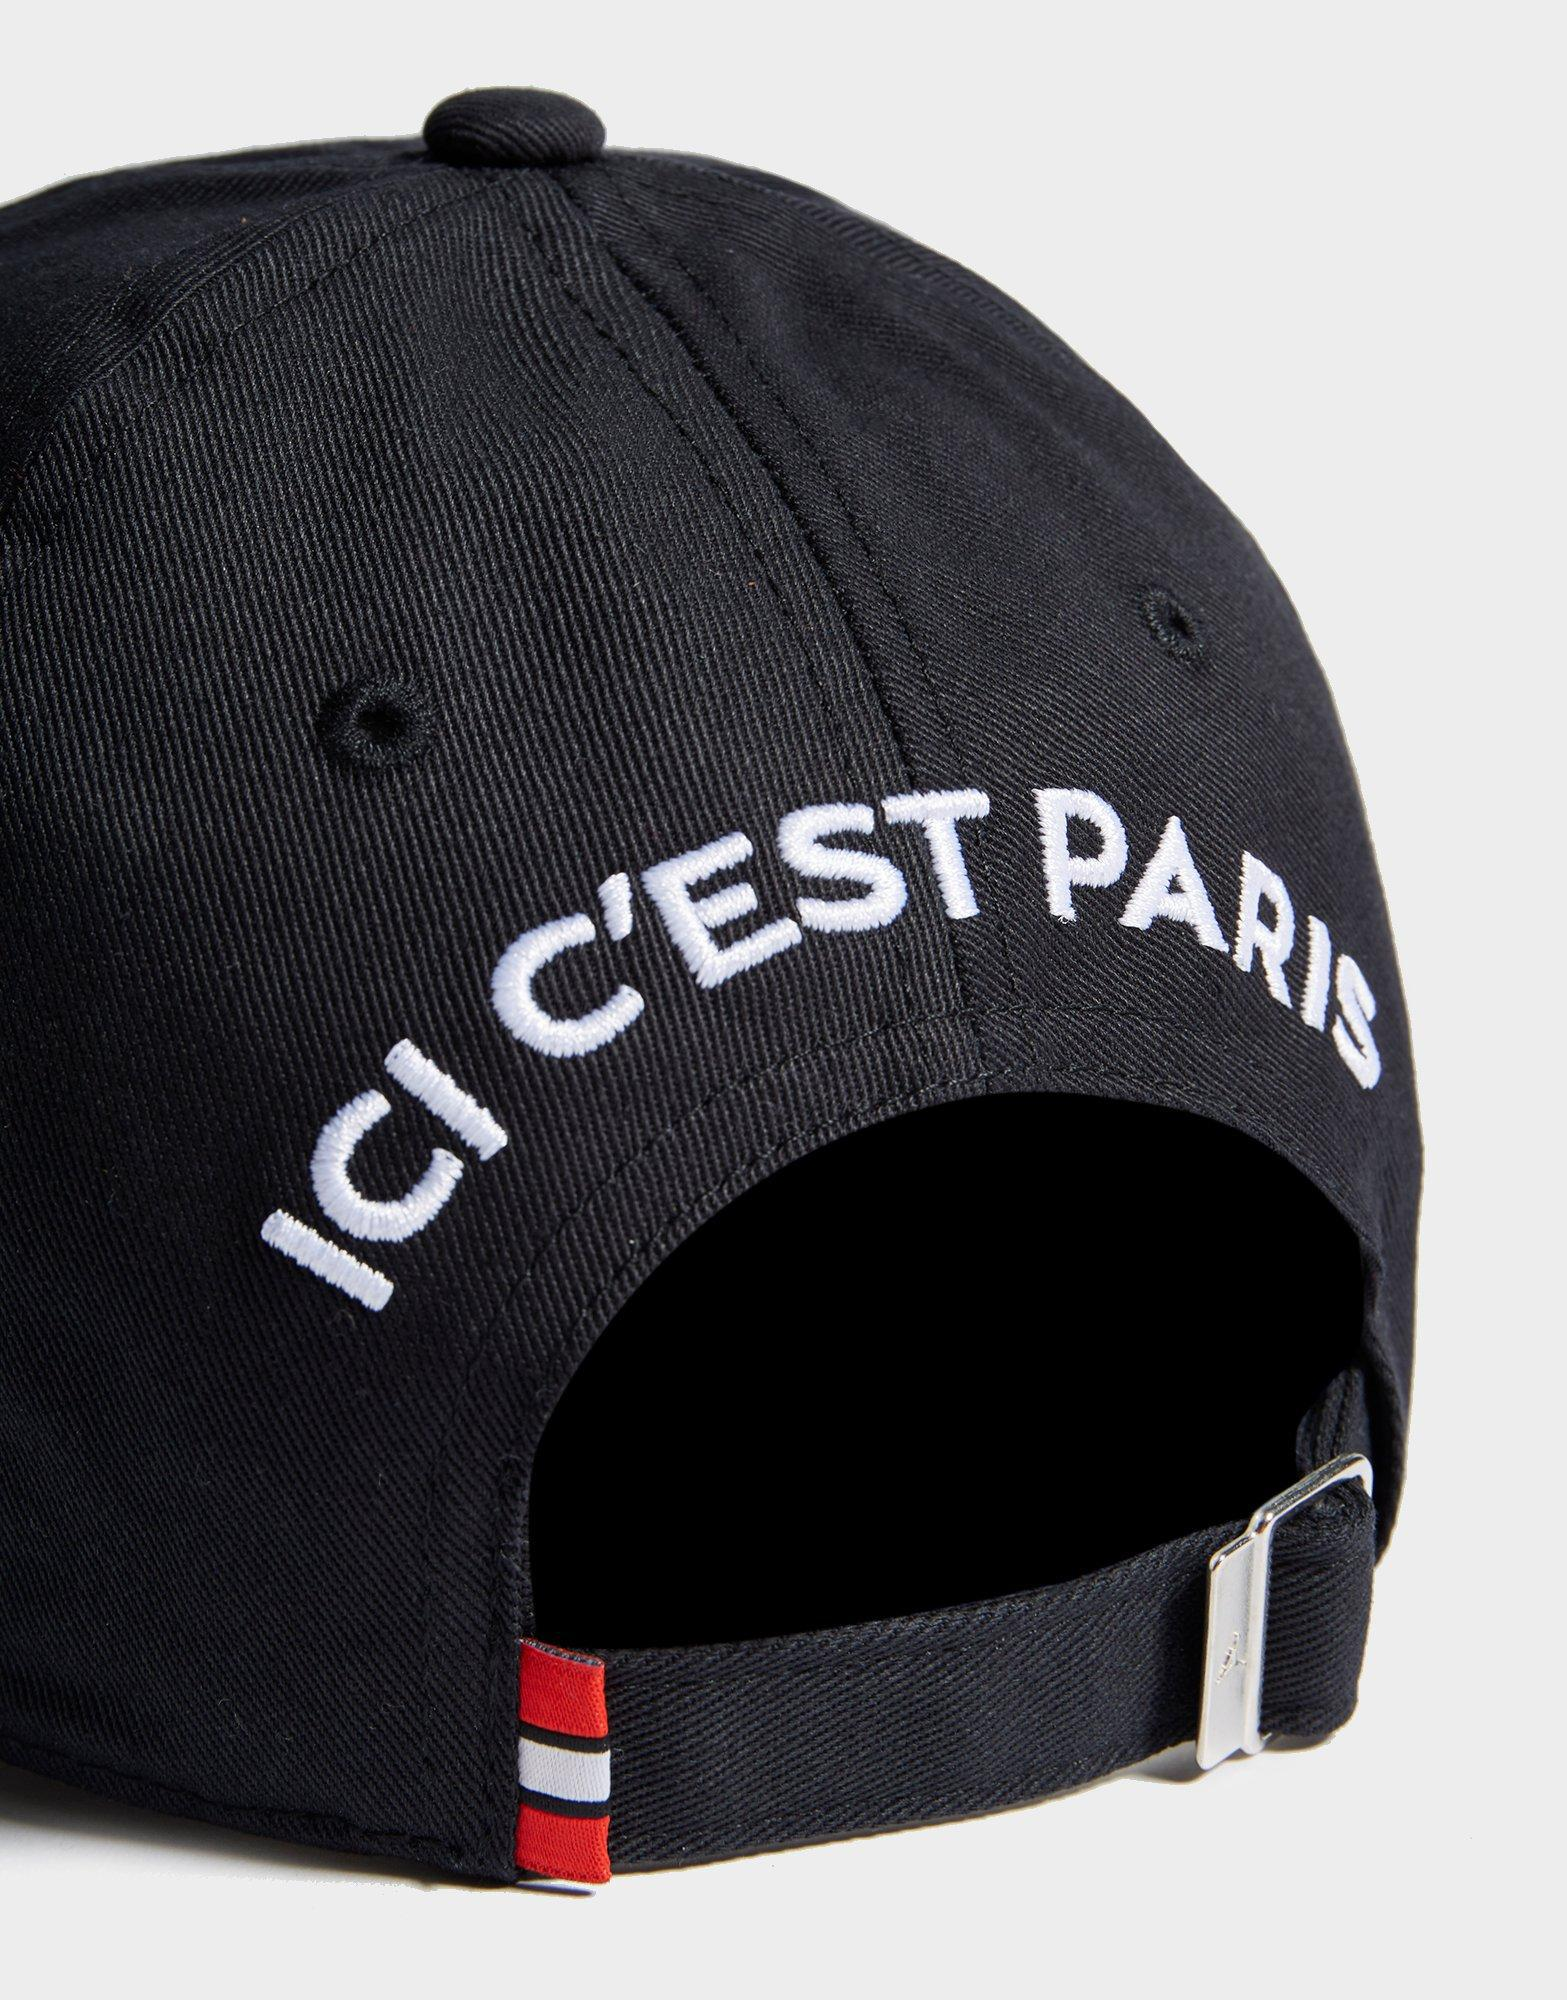 40feb42ec6436 Nike X Paris Saint Germain H86 Cap in Black for Men - Lyst